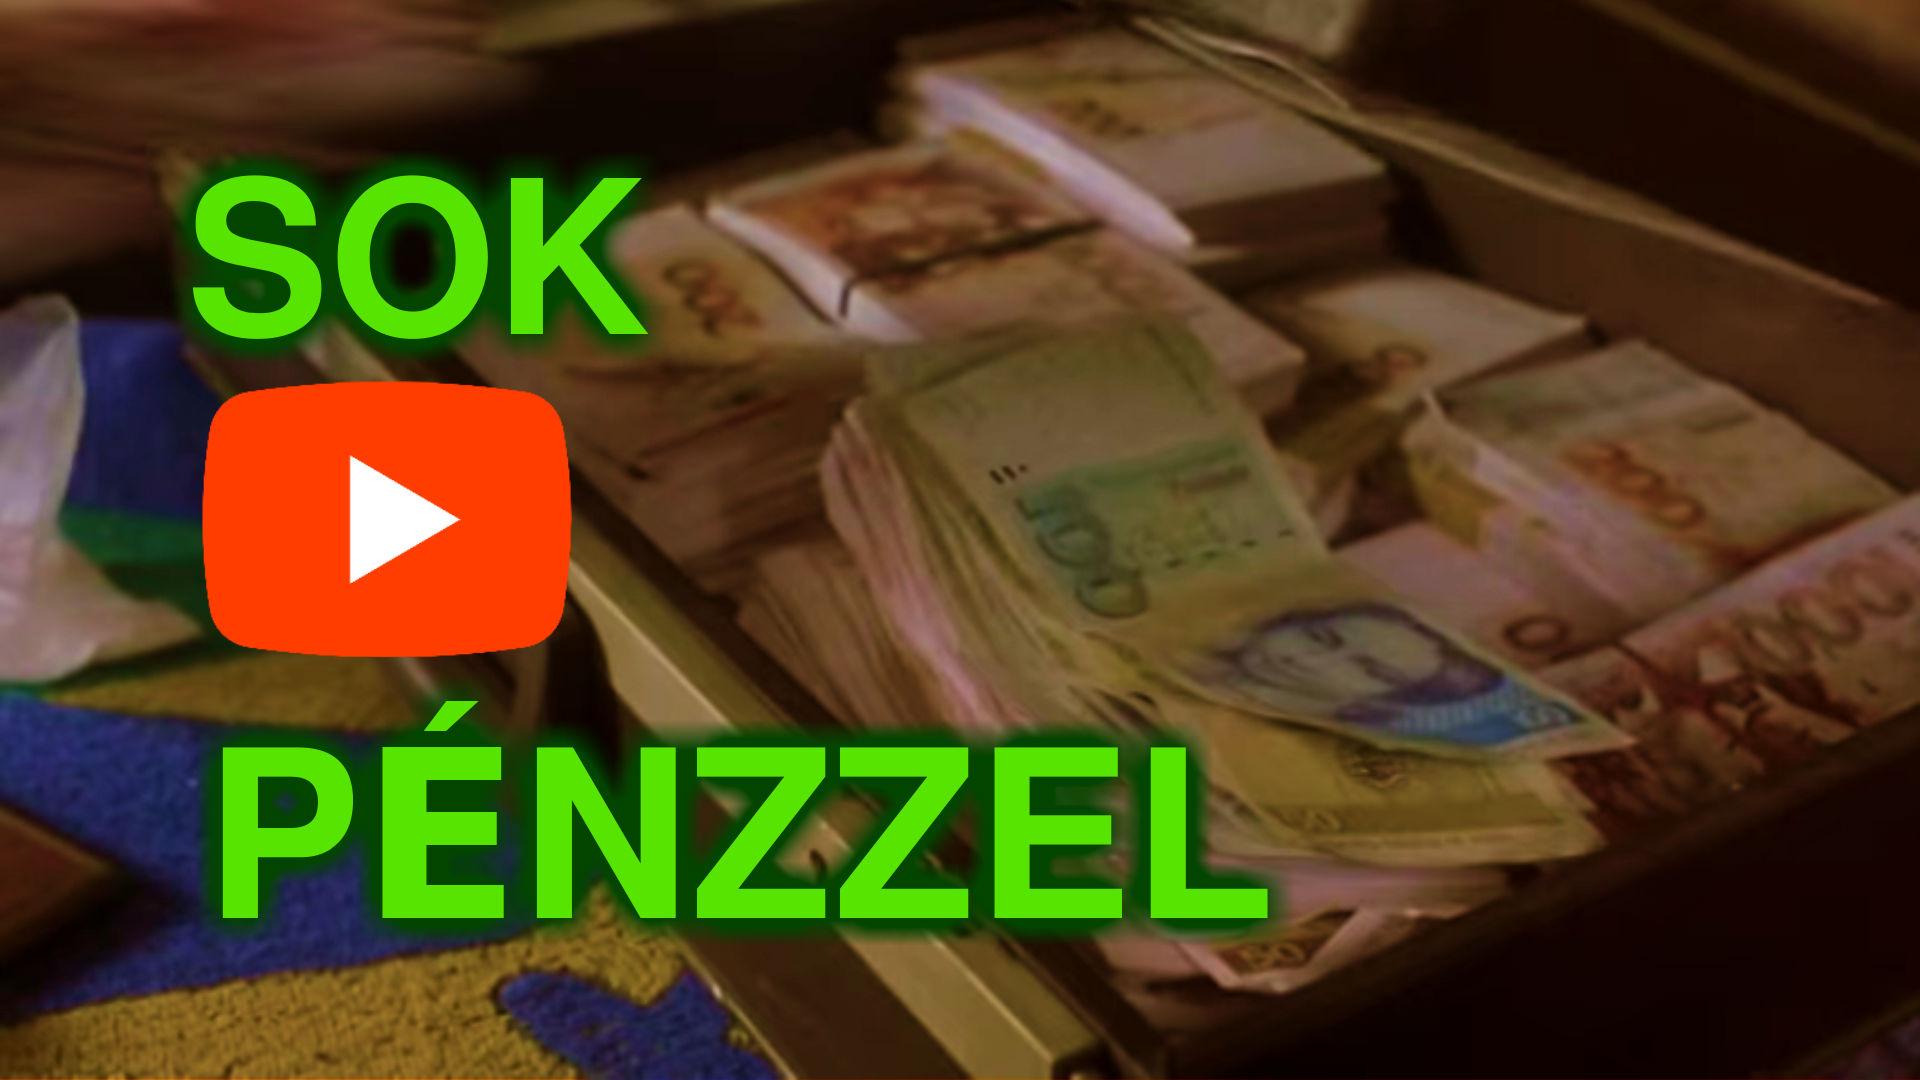 Macskajajj film részlet oldd meg sok pénzzel amit nem tudsz megoldani pénzzel